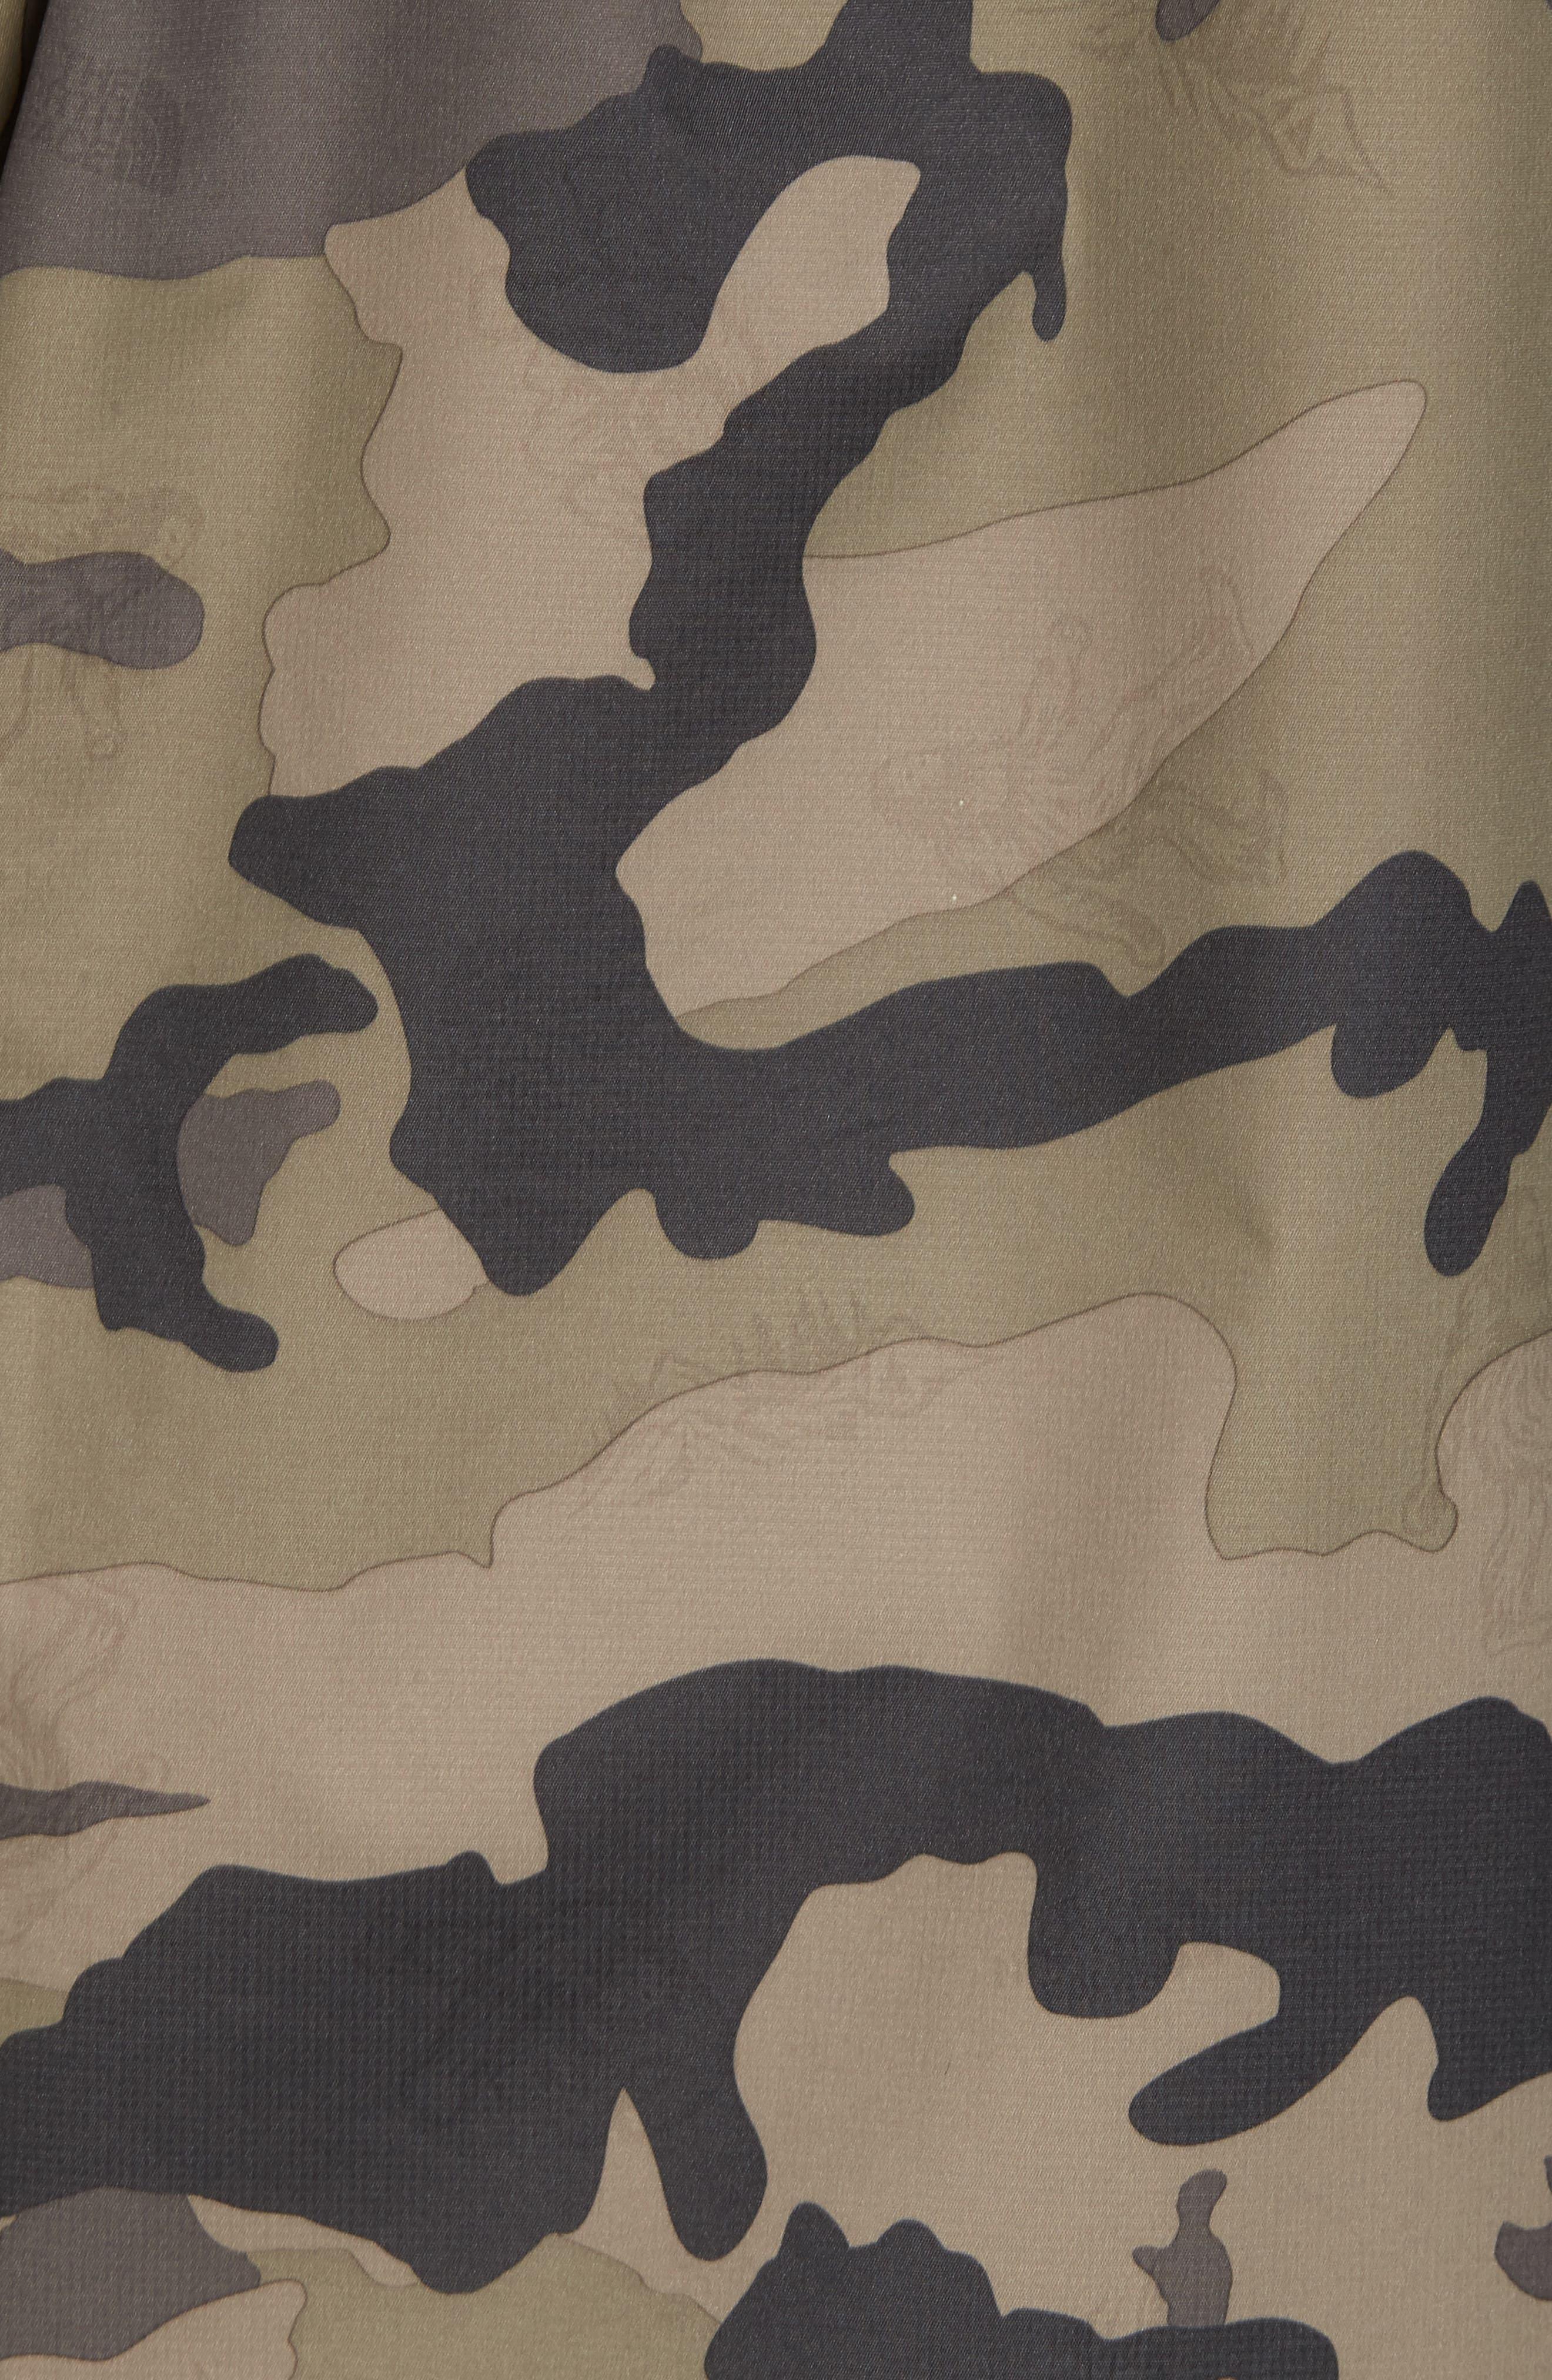 Venture Waterproof DryVent<sup>®</sup> Jacket,                             Alternate thumbnail 17, color,